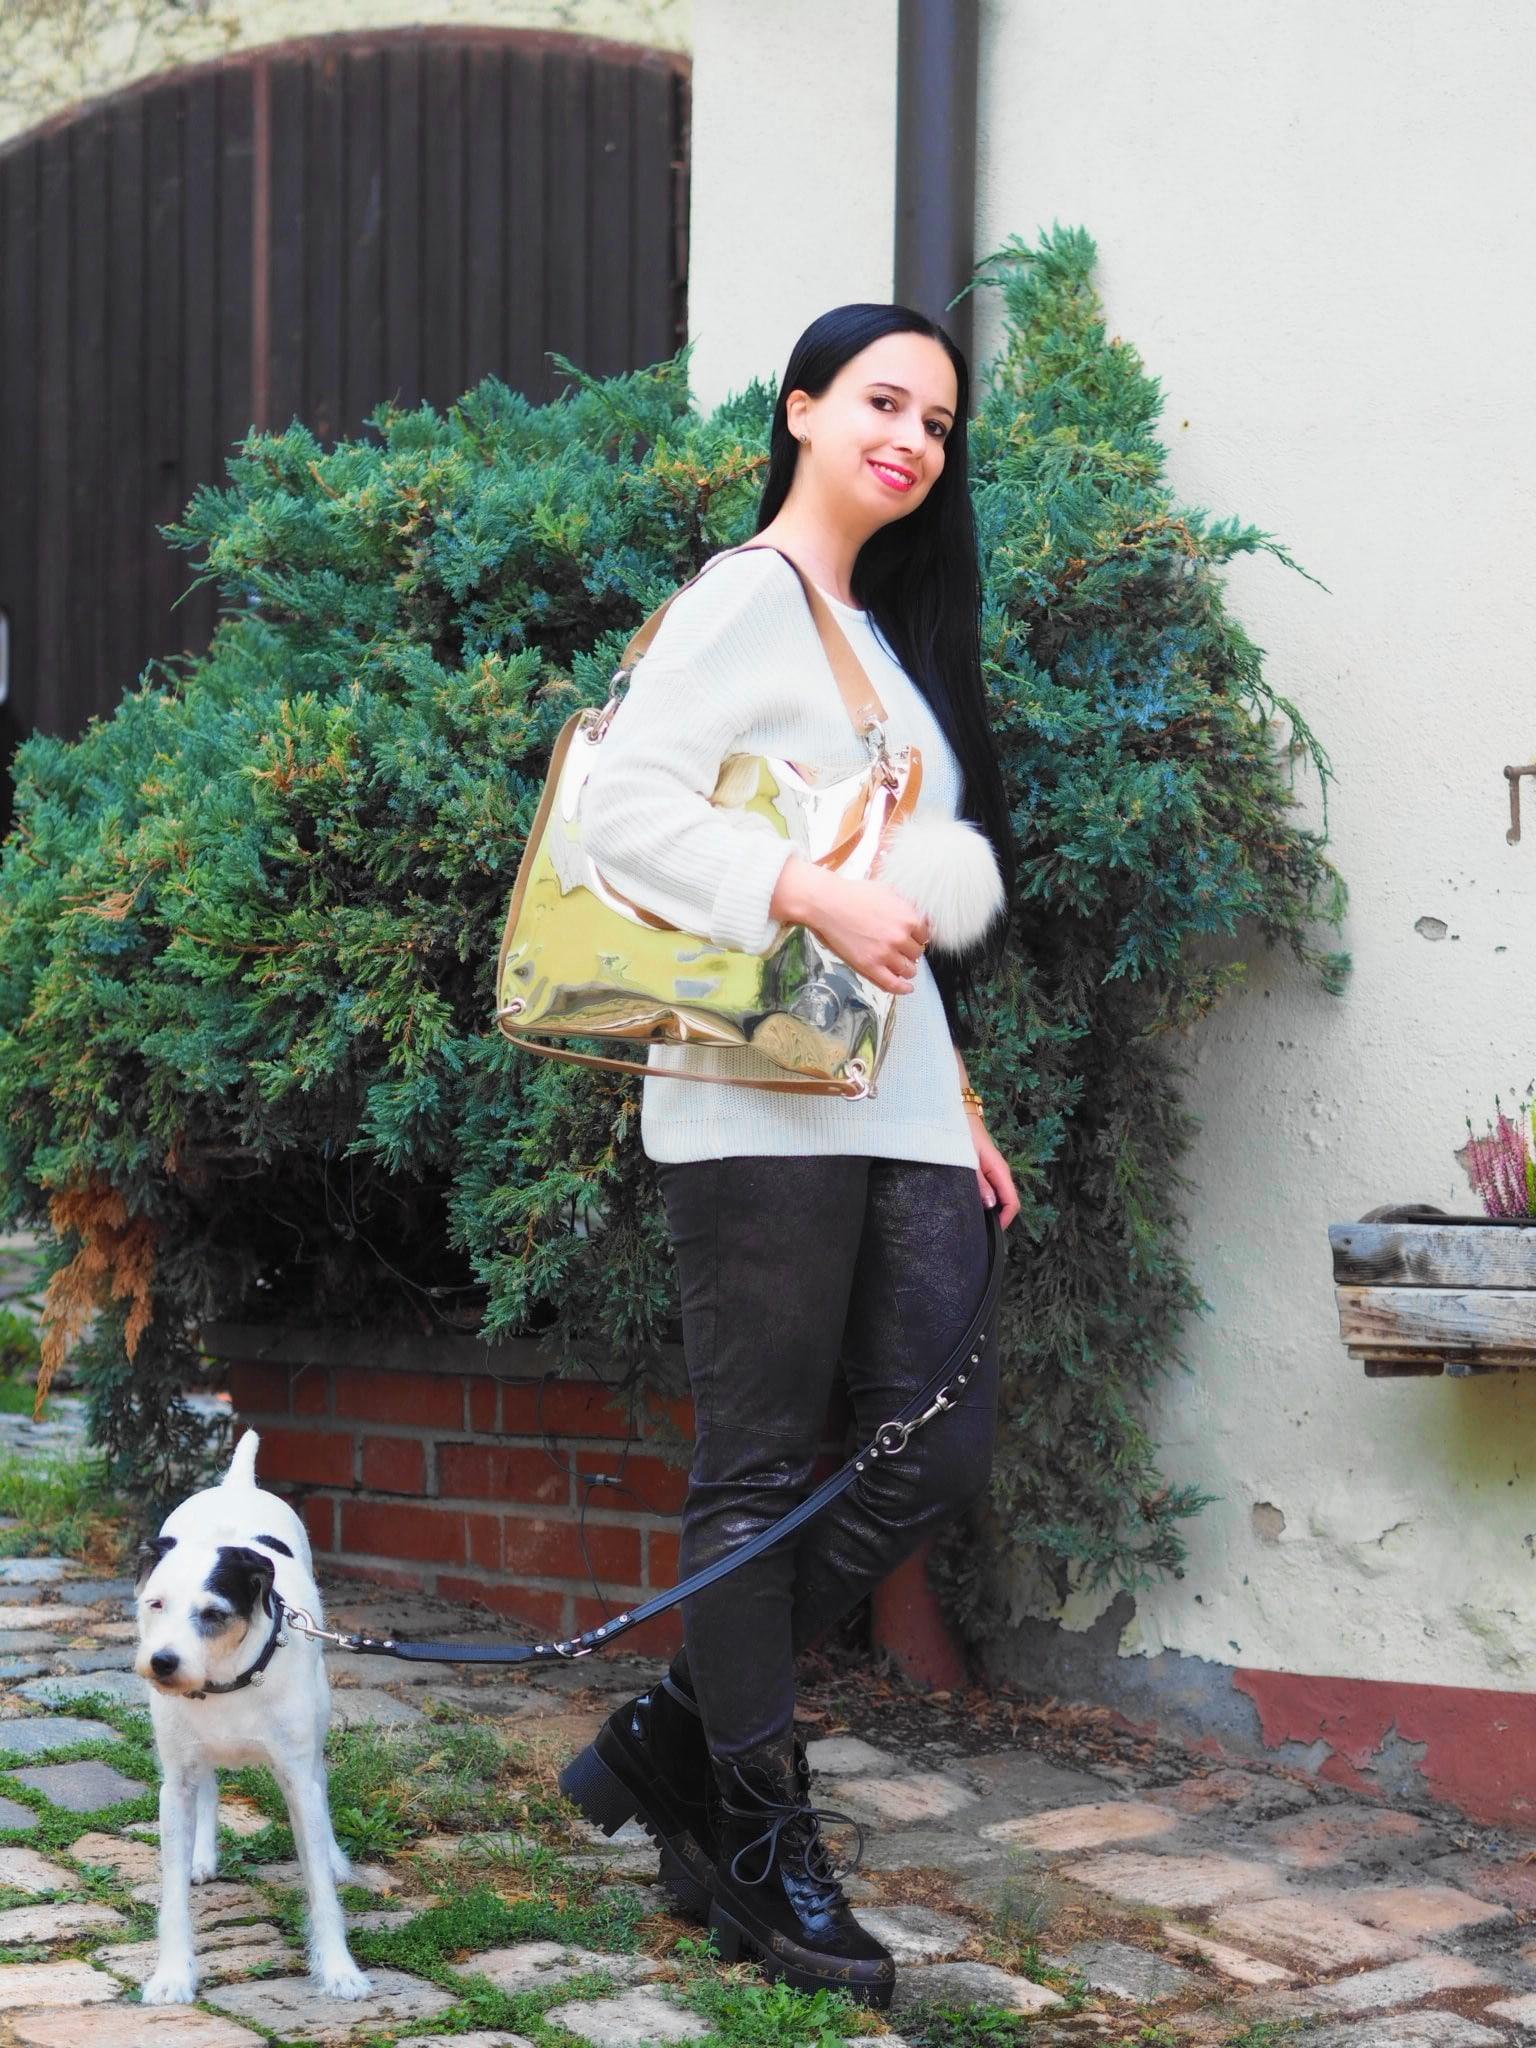 Eine Tussibag glänzt durch hochwertige Verarbeitung und über 500 Designmöglichkeiten. Heute zeige ich euch das kultige Taschen Label auf meinem Fashion Blog